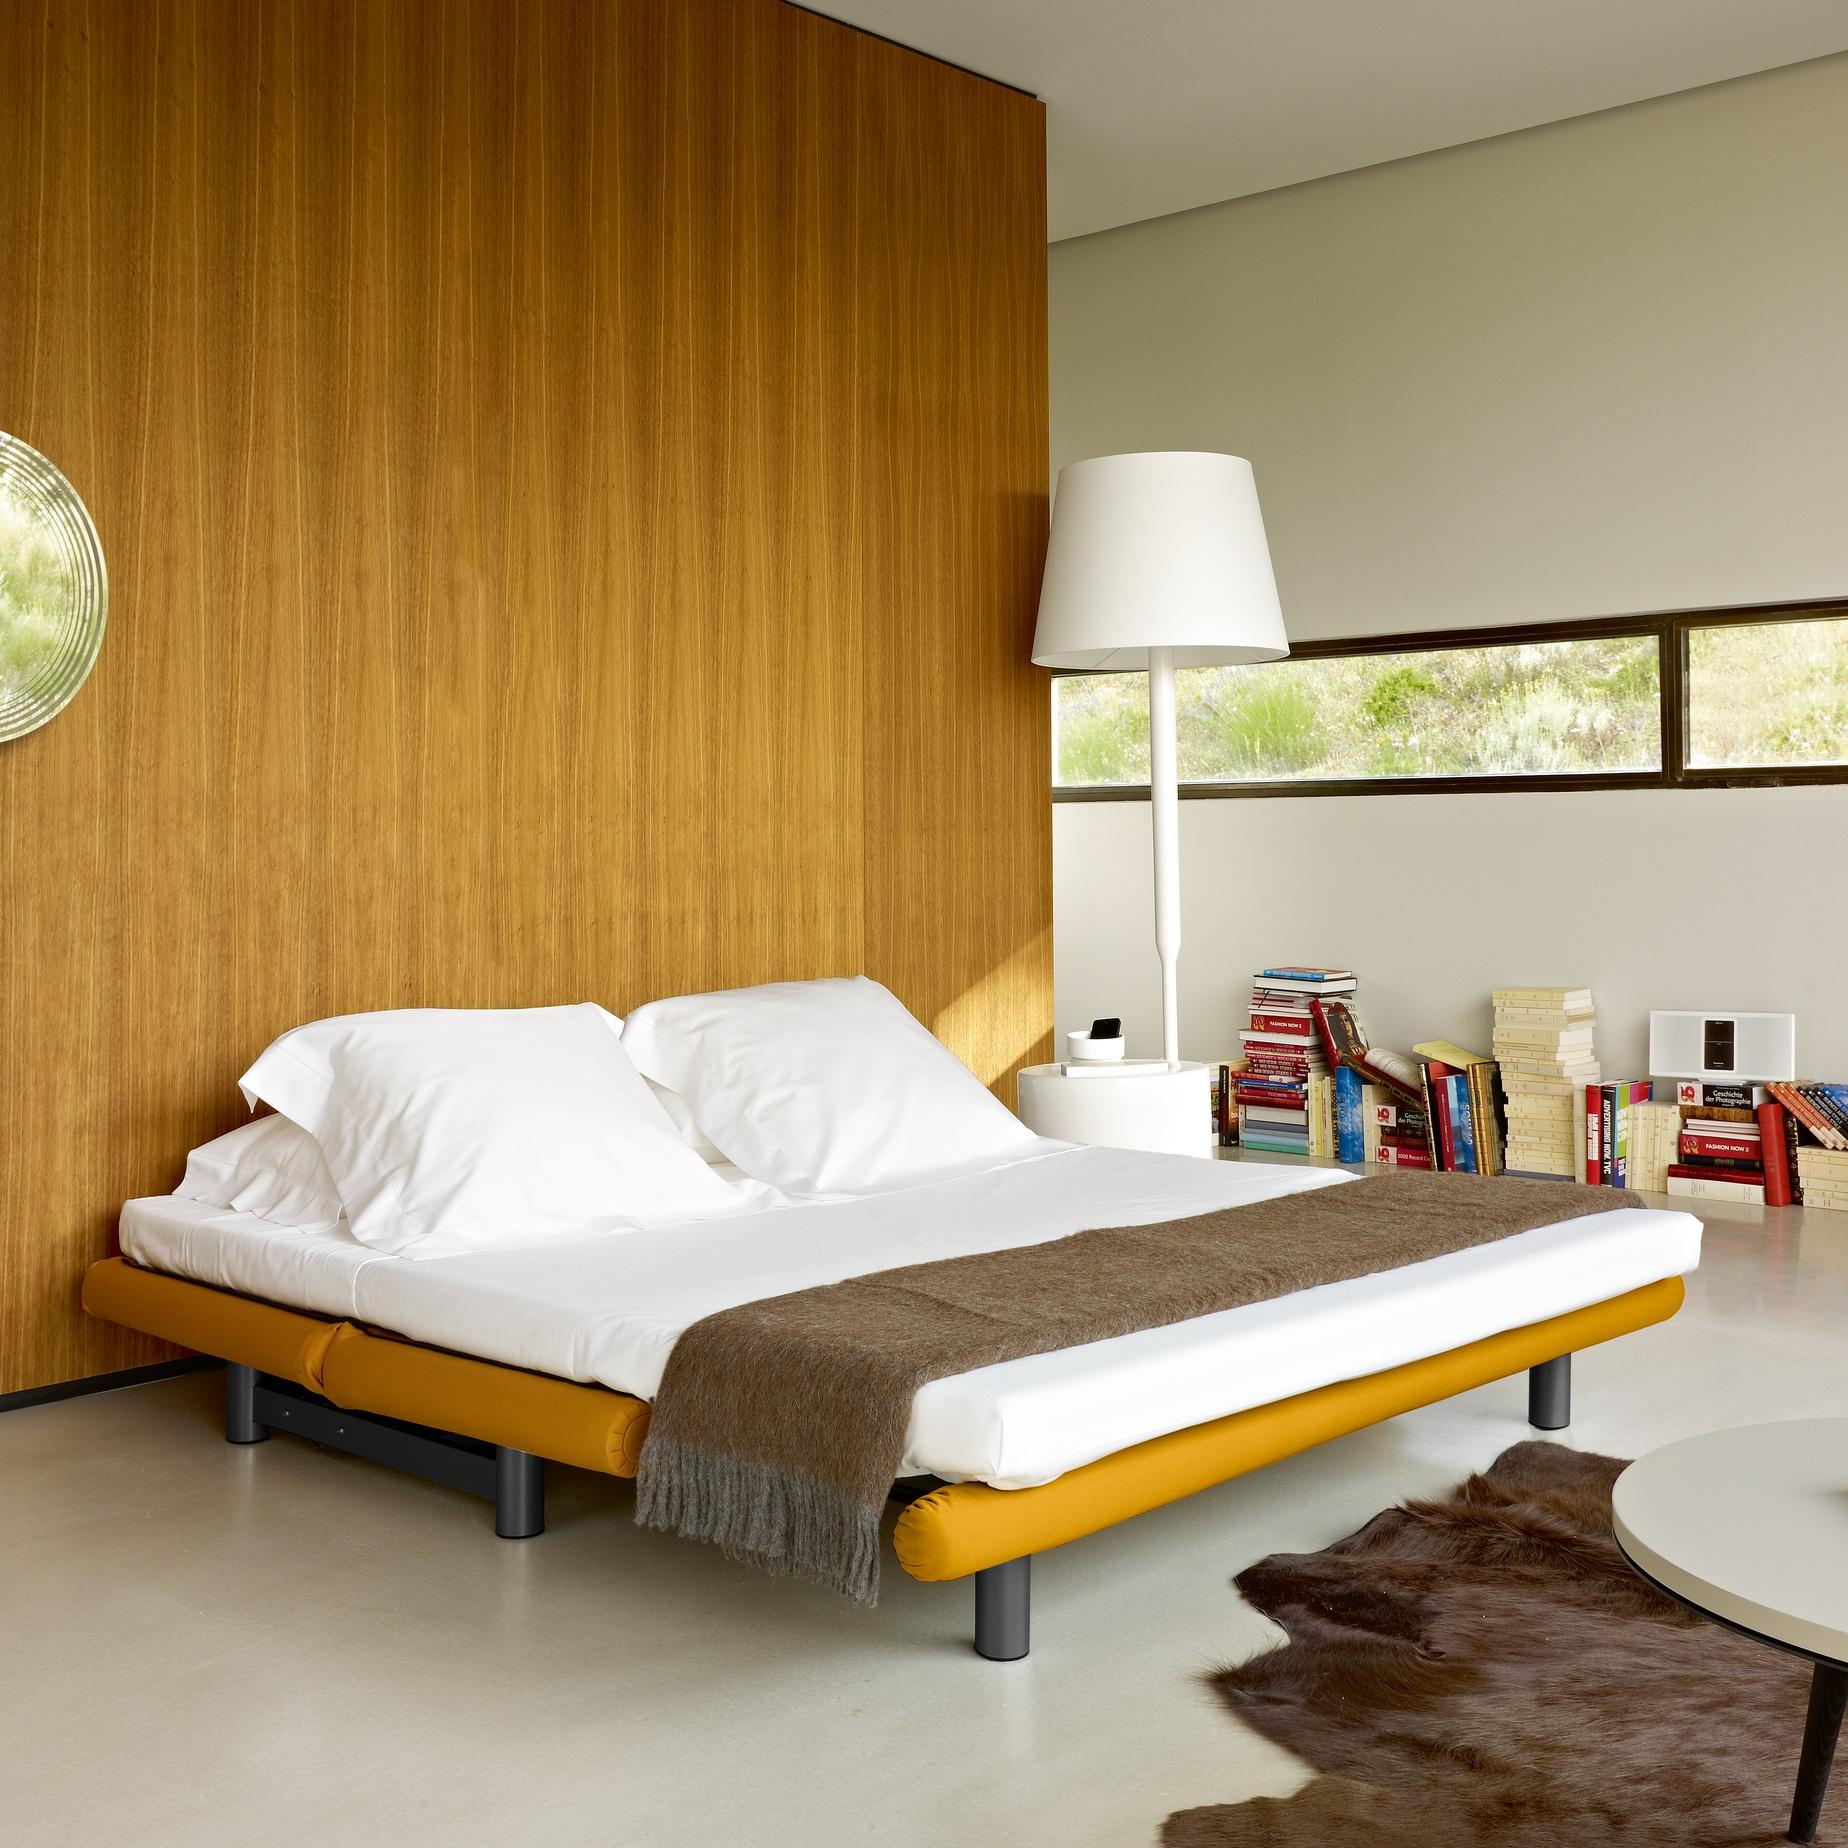 ligne roset multy dimensions crafts. Black Bedroom Furniture Sets. Home Design Ideas